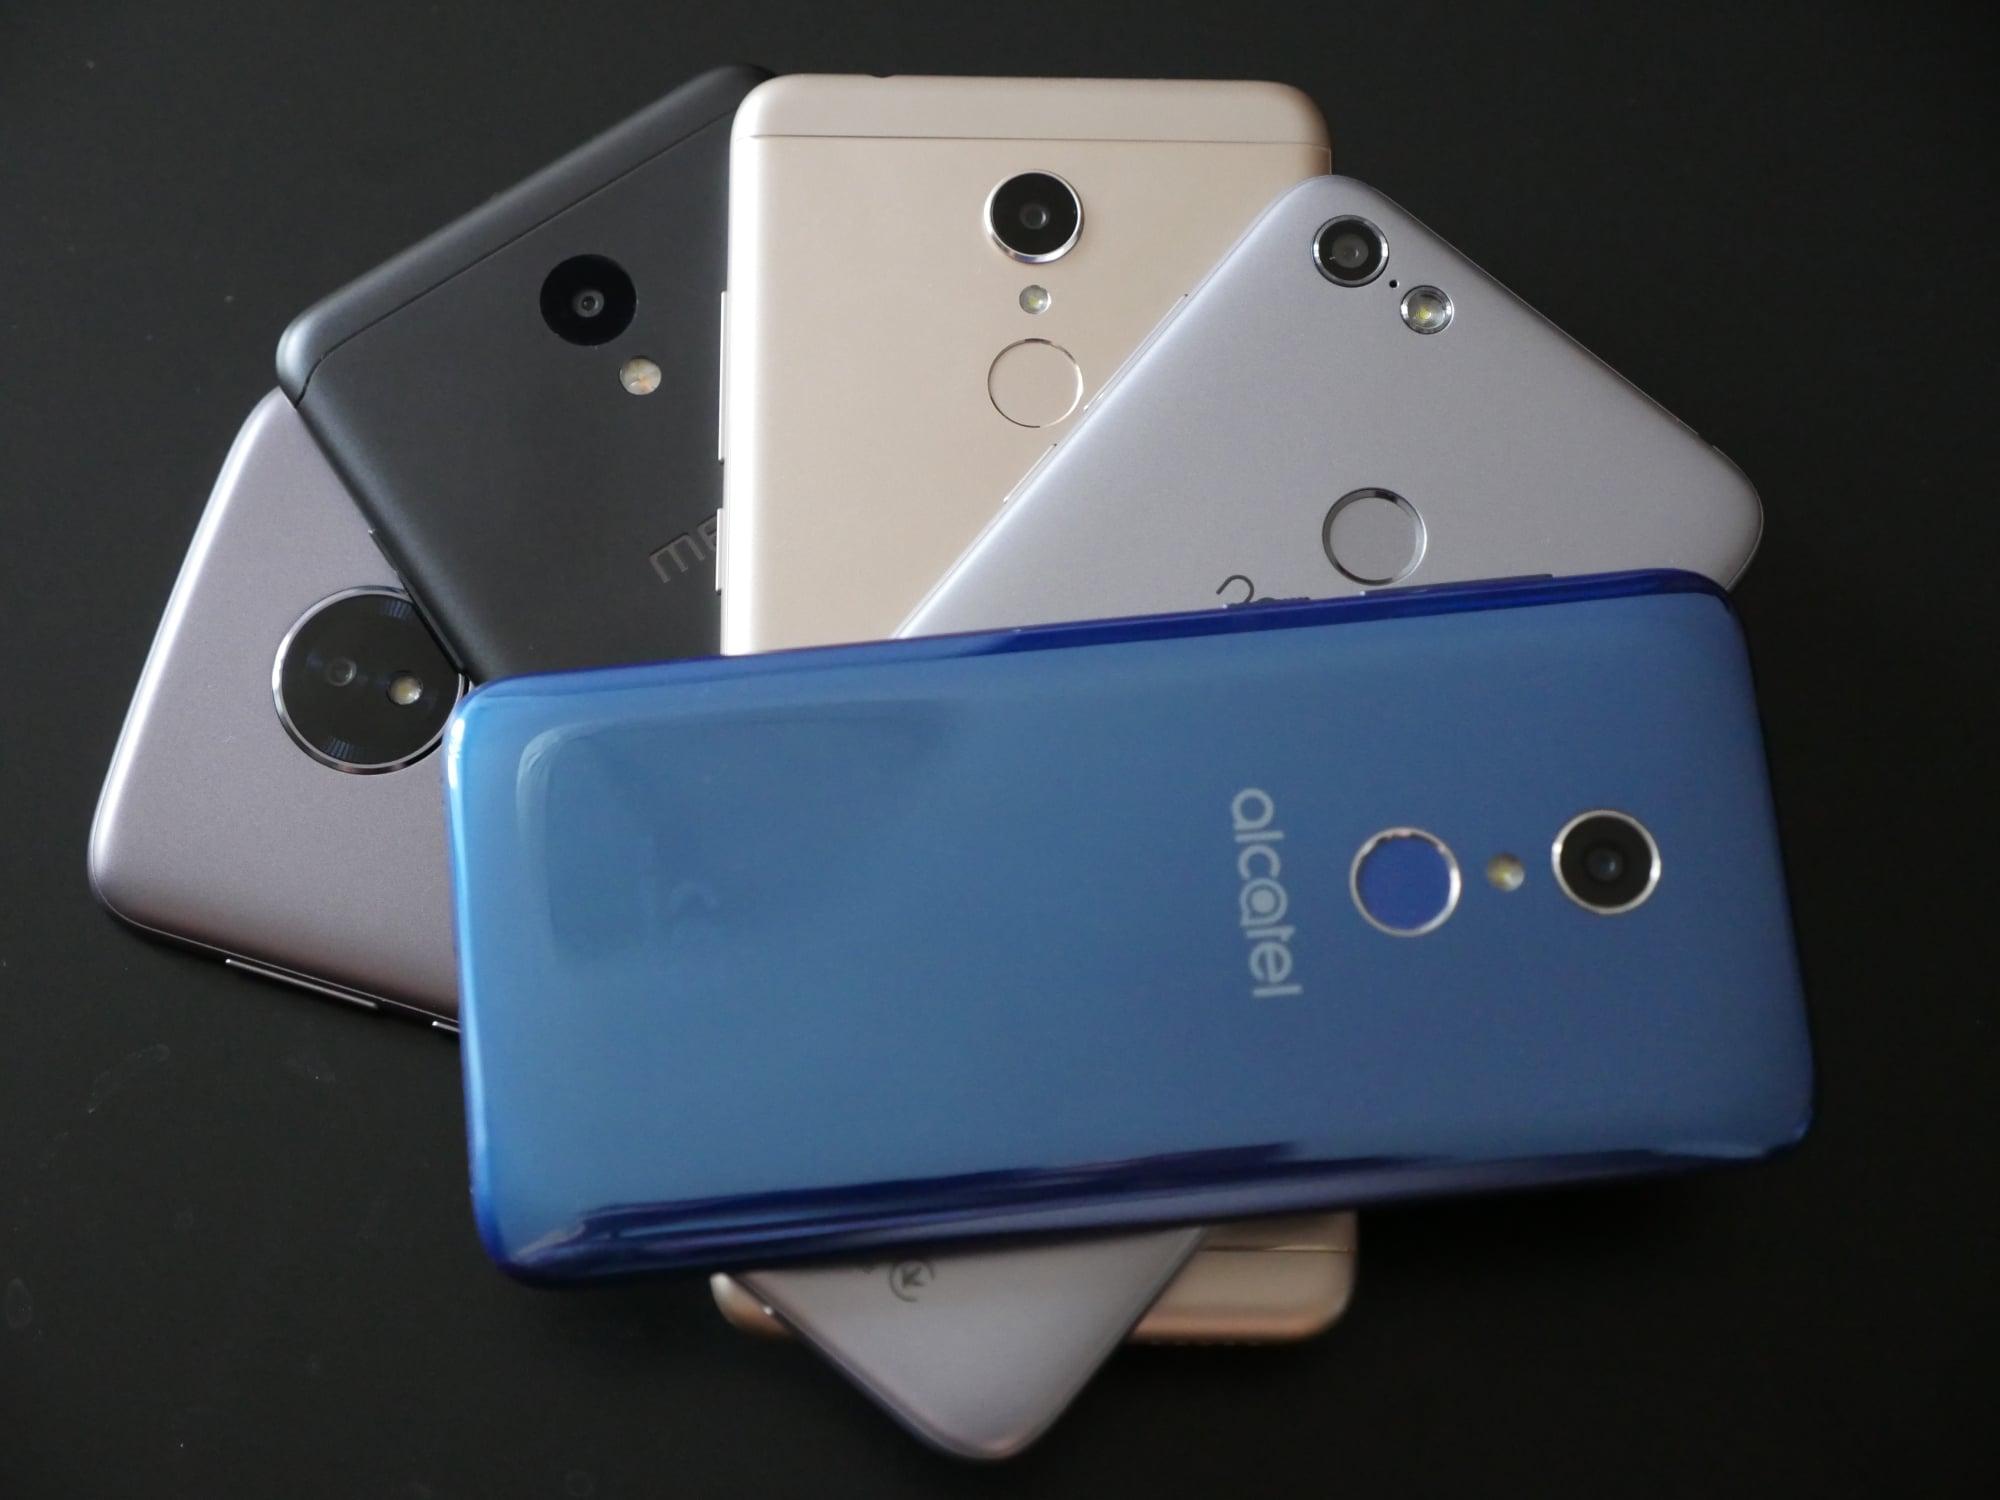 Smartfony do 600 złotych nie muszą być nudne. Które warto kupić? 19